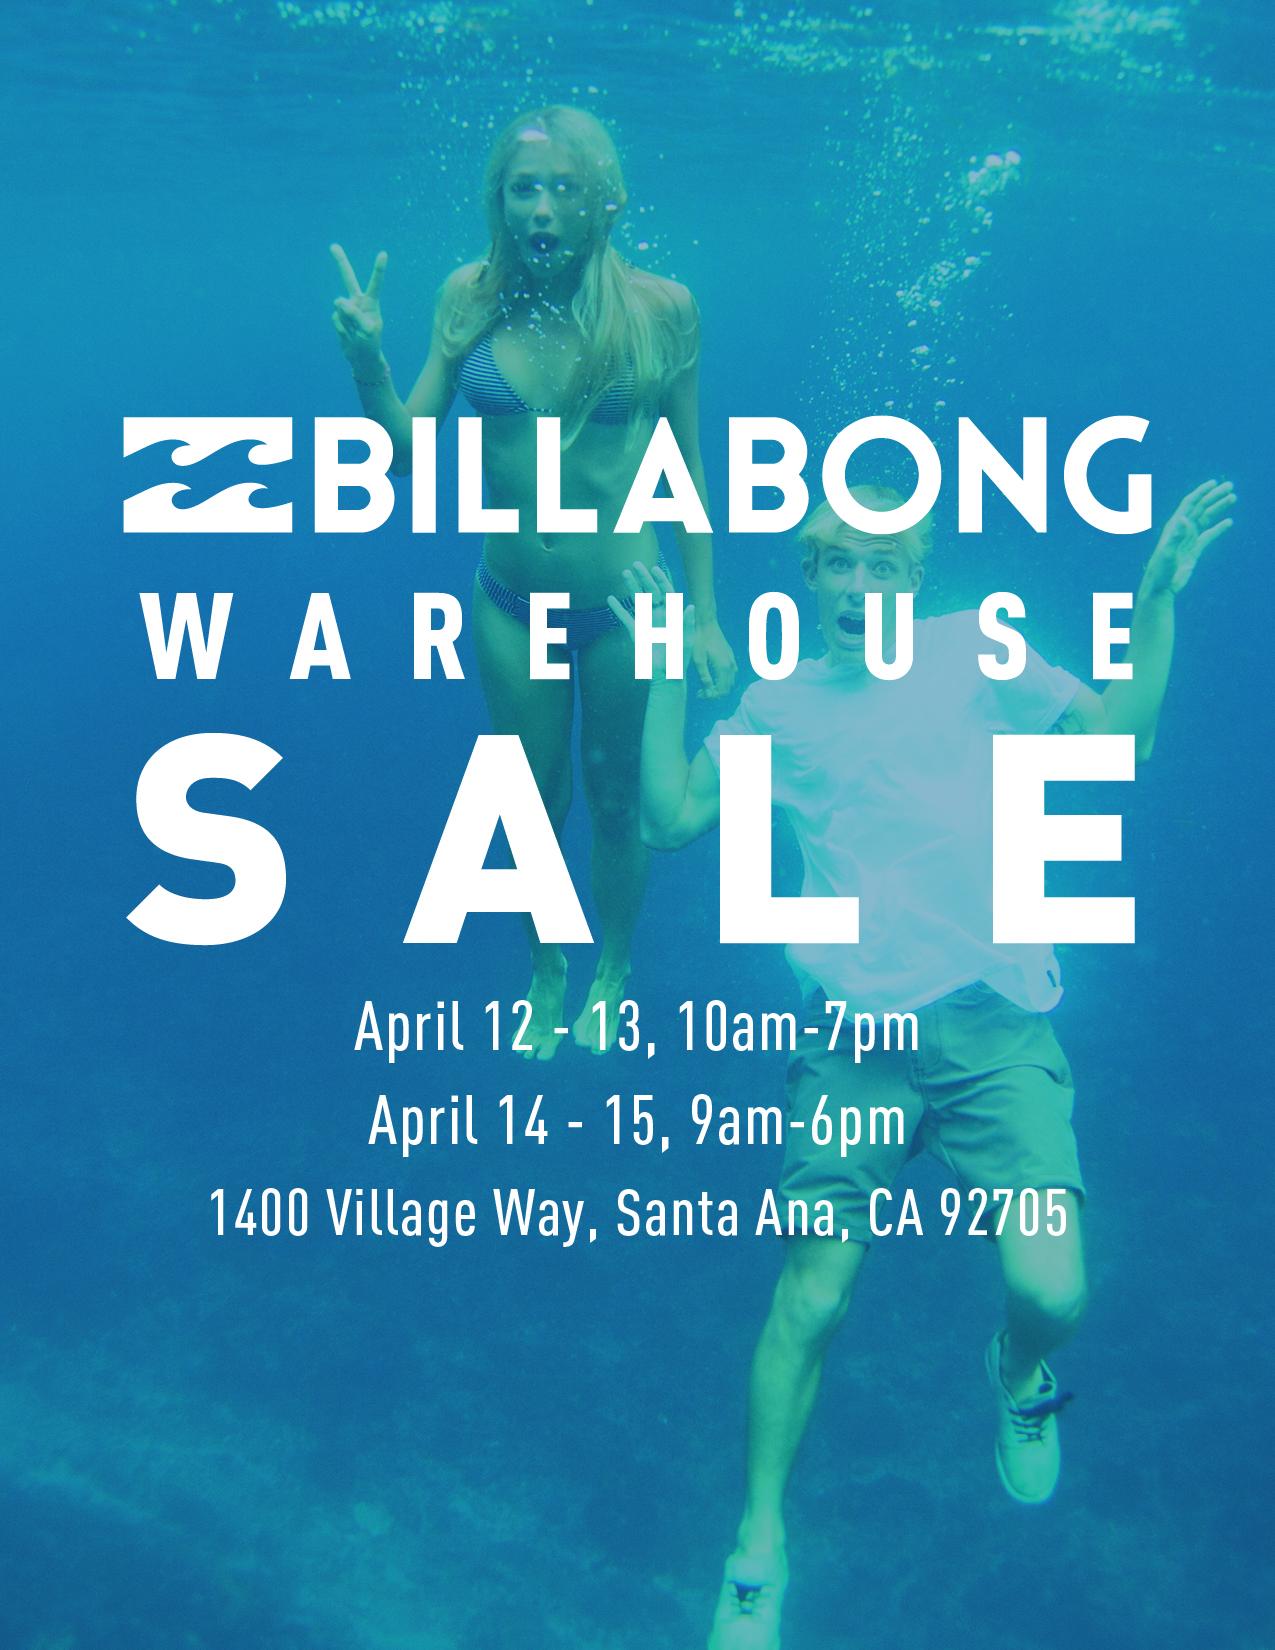 BBG_WarehouseSale_Flyer_4.25x5.5.jpg